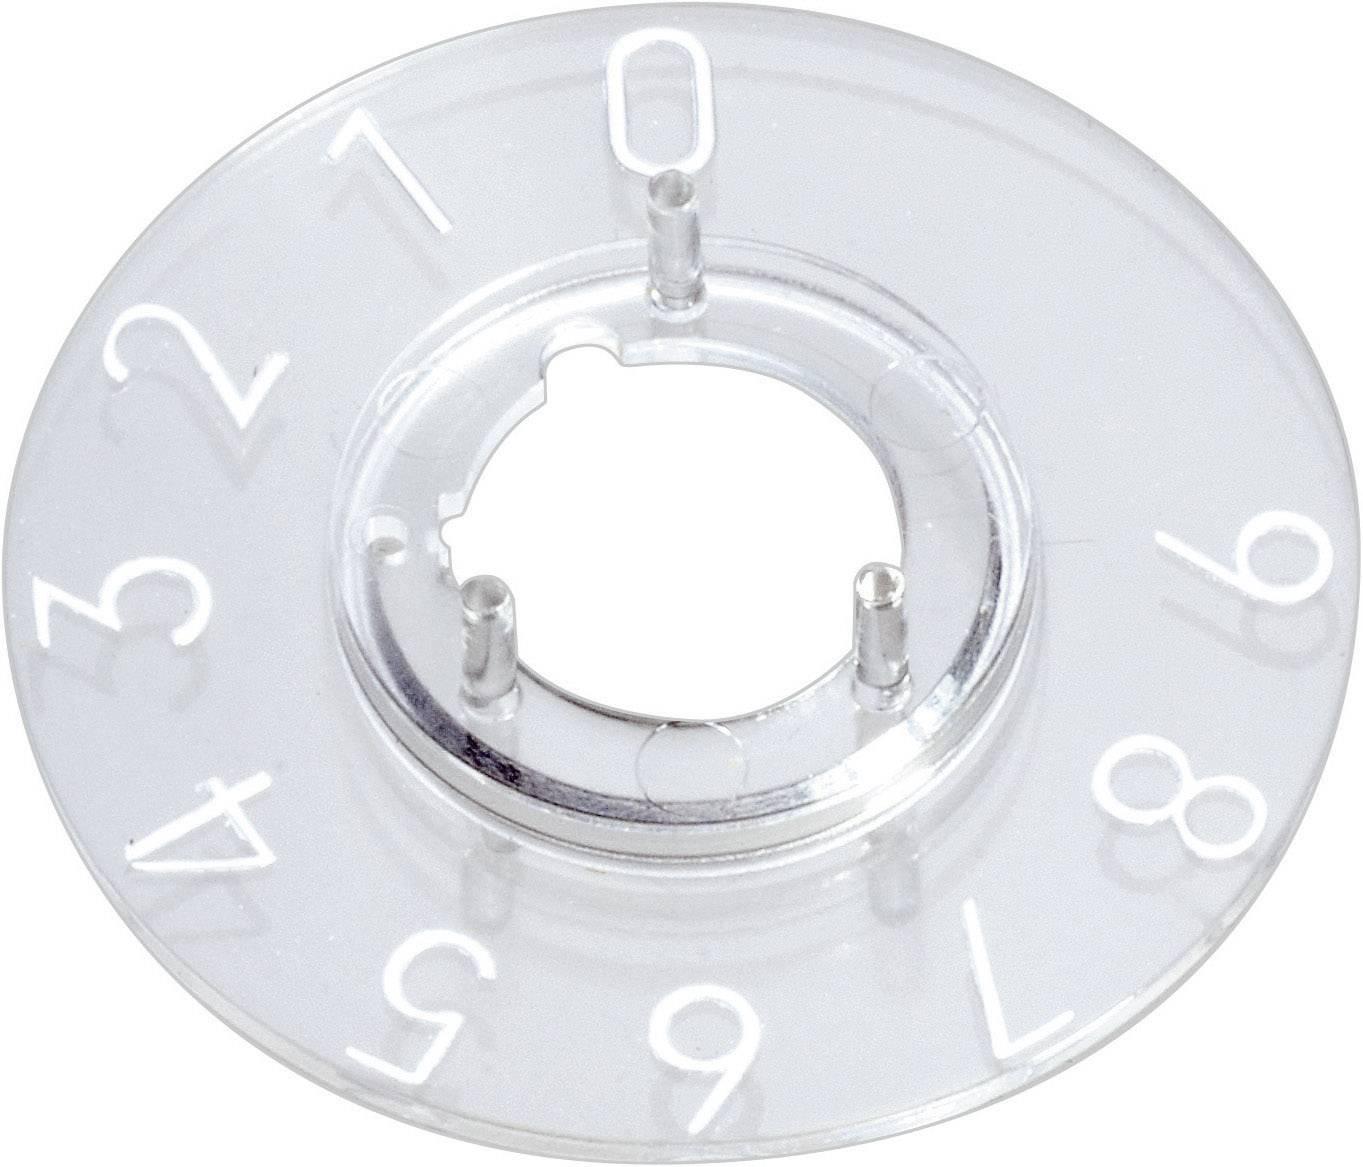 Kruhová stupnice OKW, vhodná pro knoflík Ø 23 mm,rozsah 0-9, transparentní